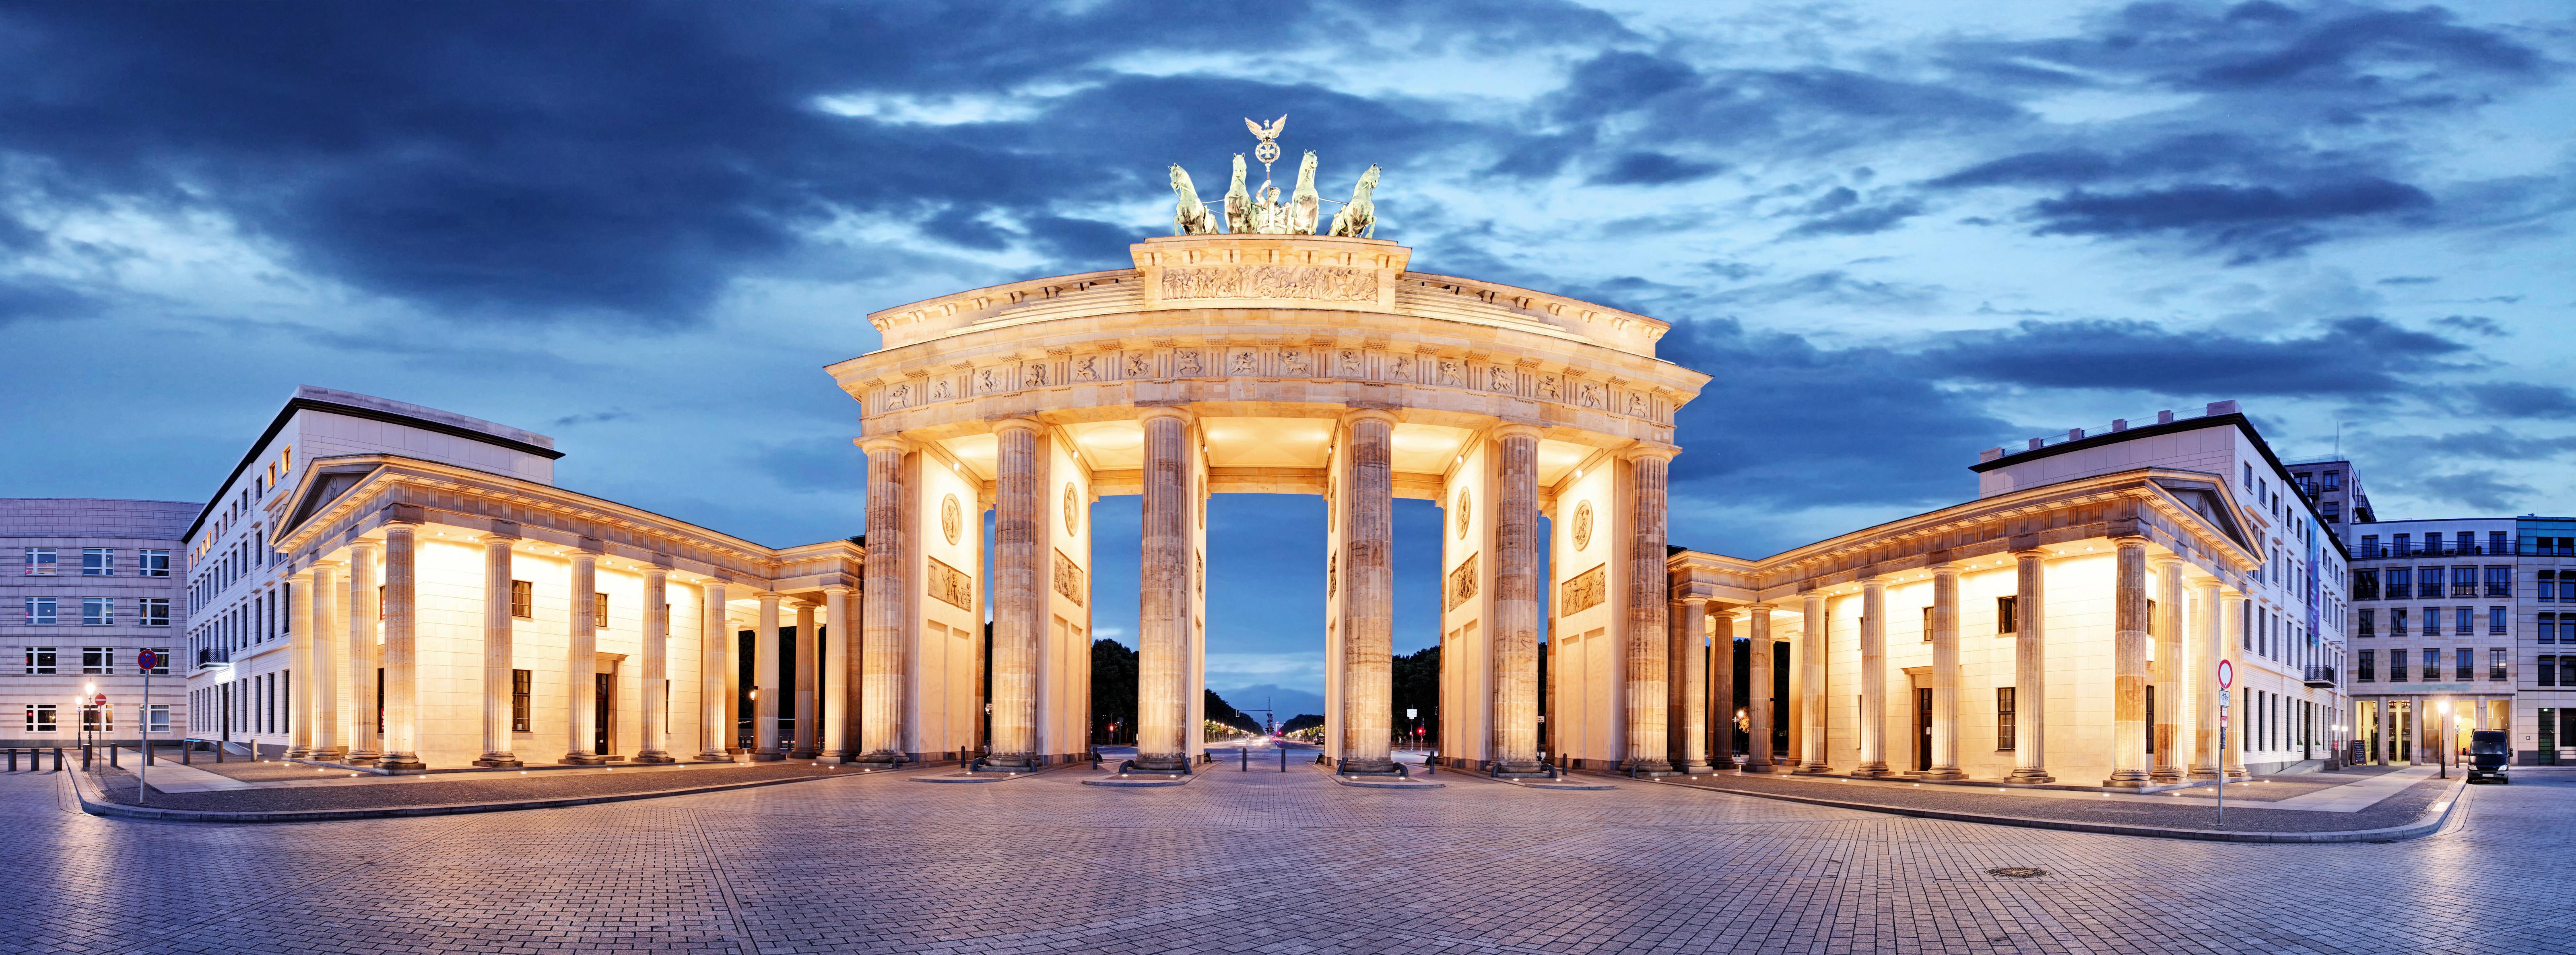 Brandenberg Gate, Berlin